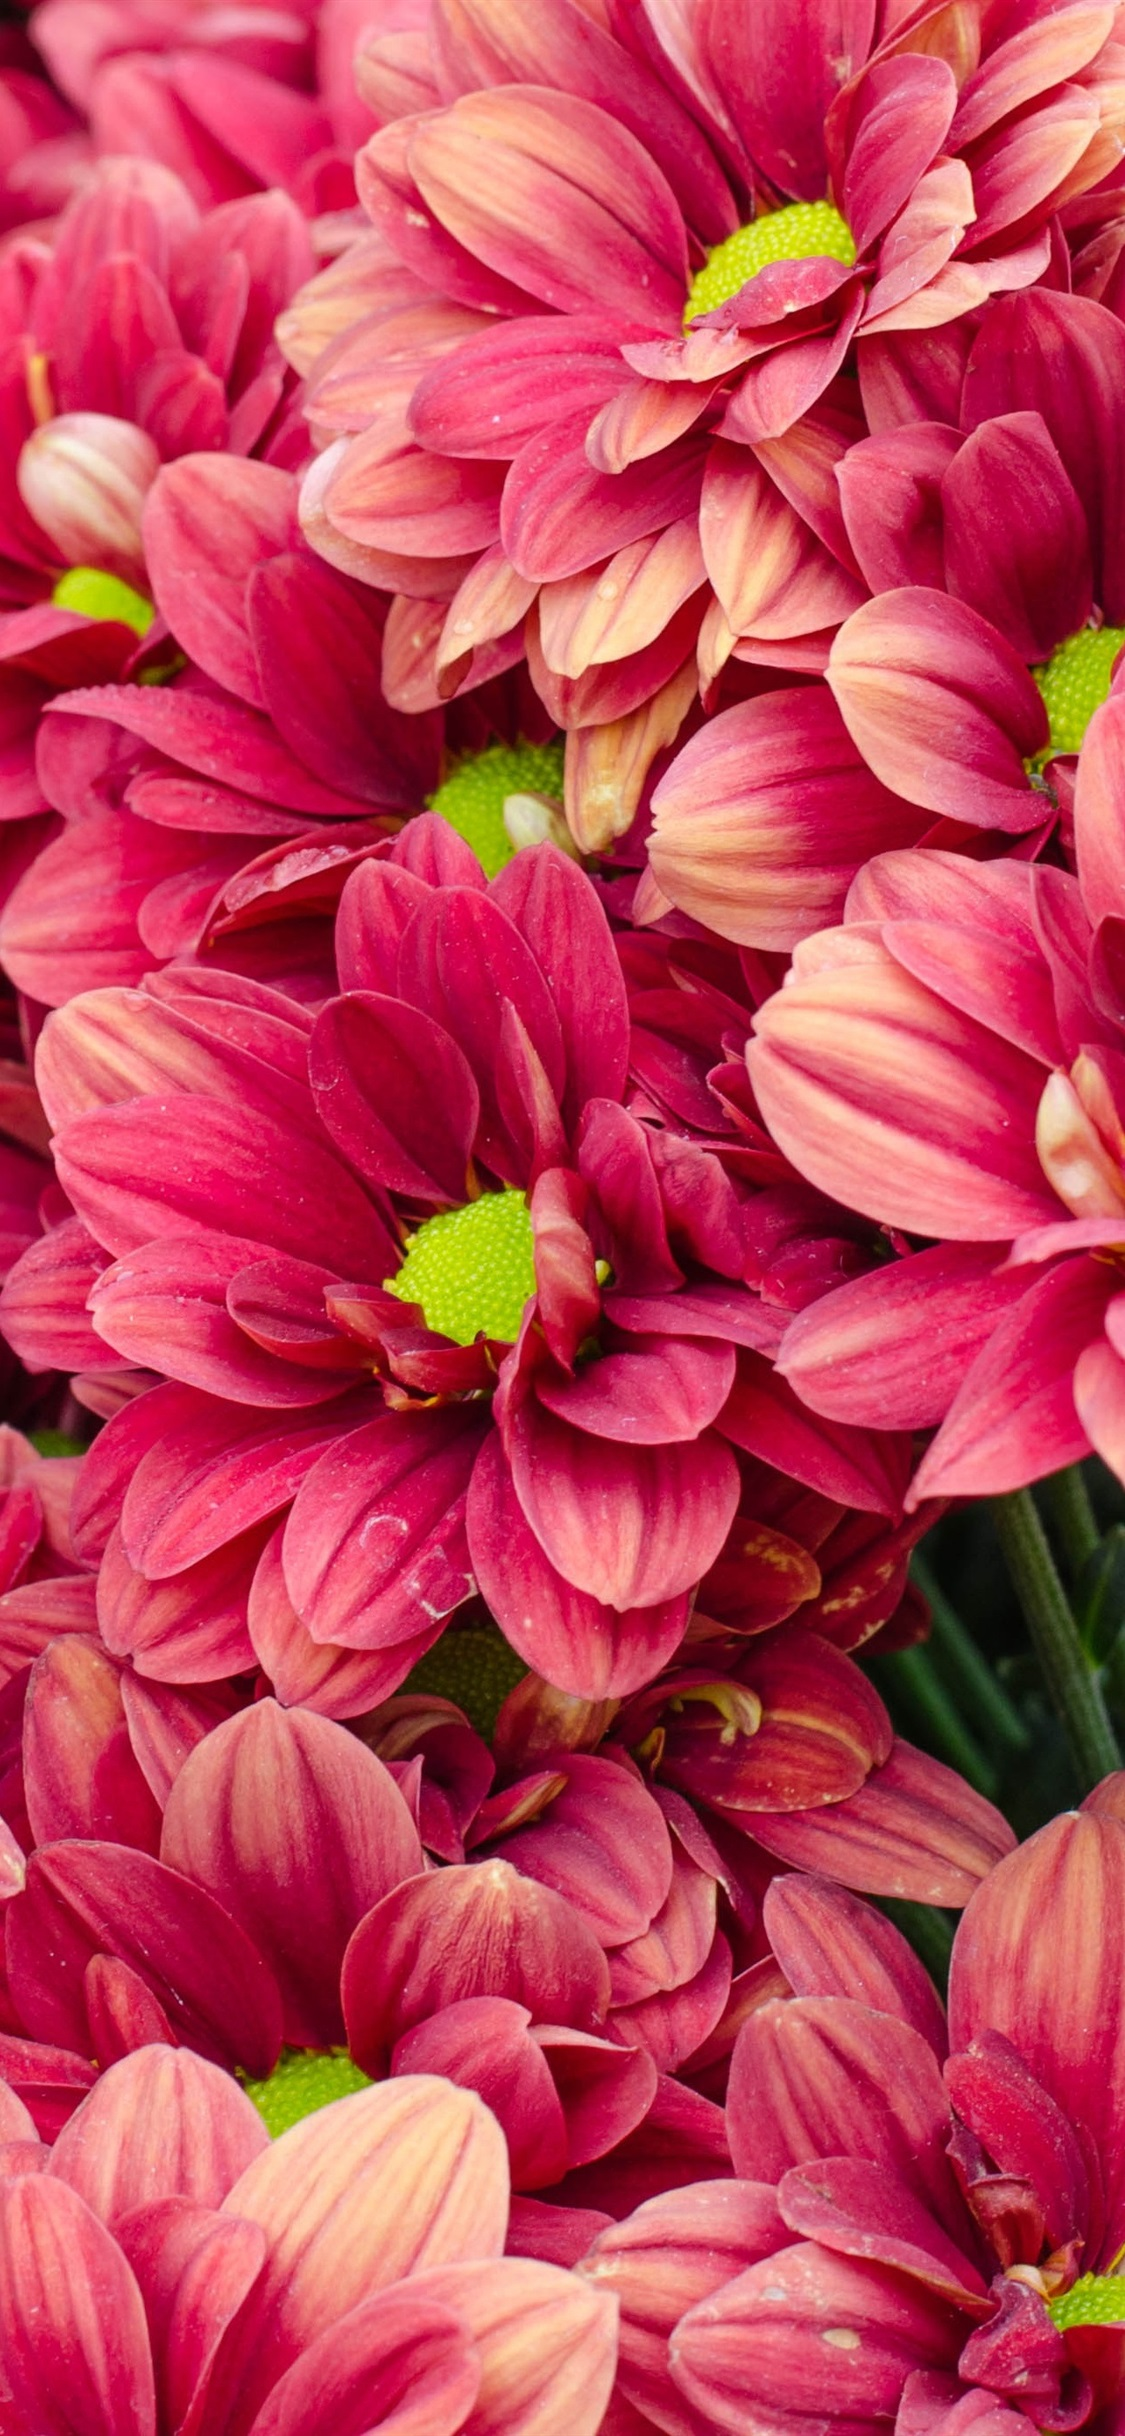 Muchos Crisantemos Rojos Flores 1125x2436 Iphone Xs X Fondos De